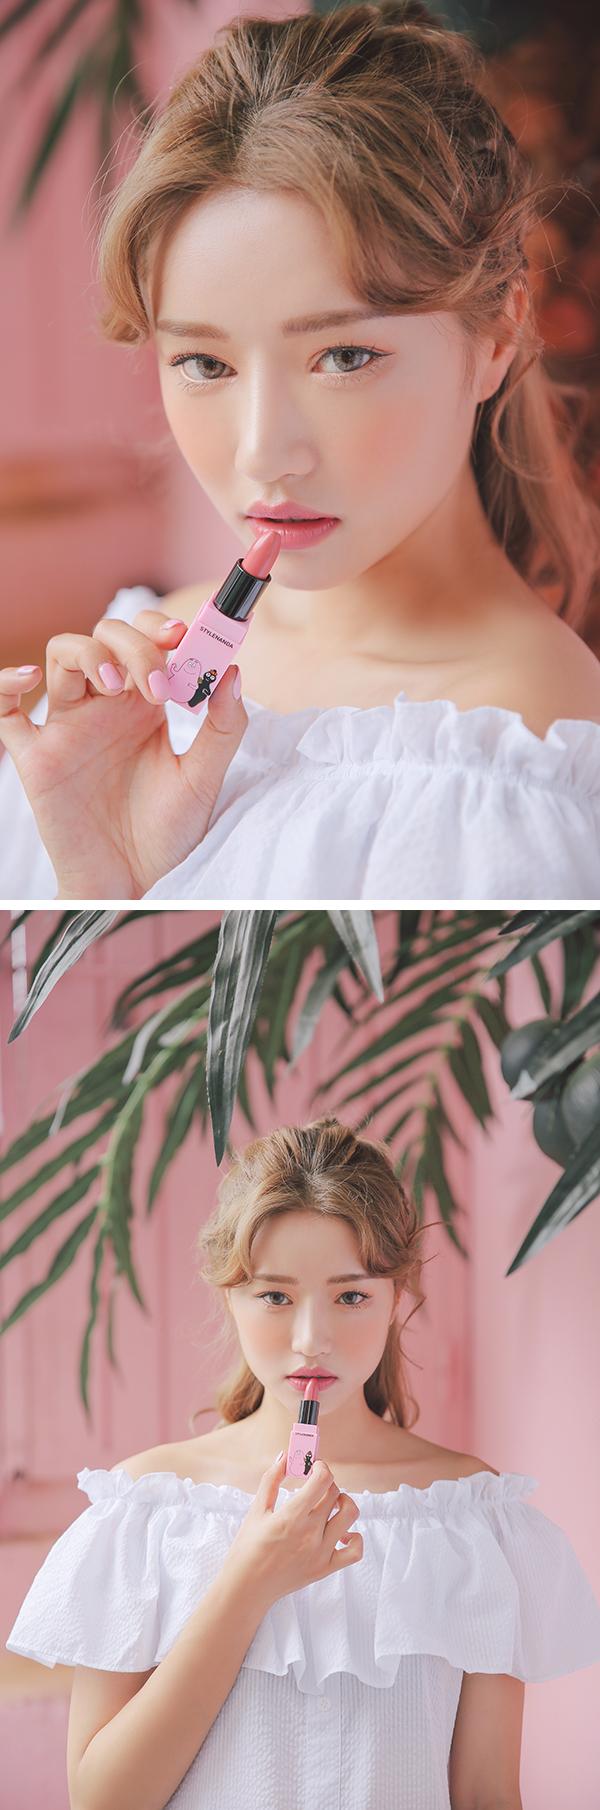 Tutorial Beauté maquillage, Beauté, Visage